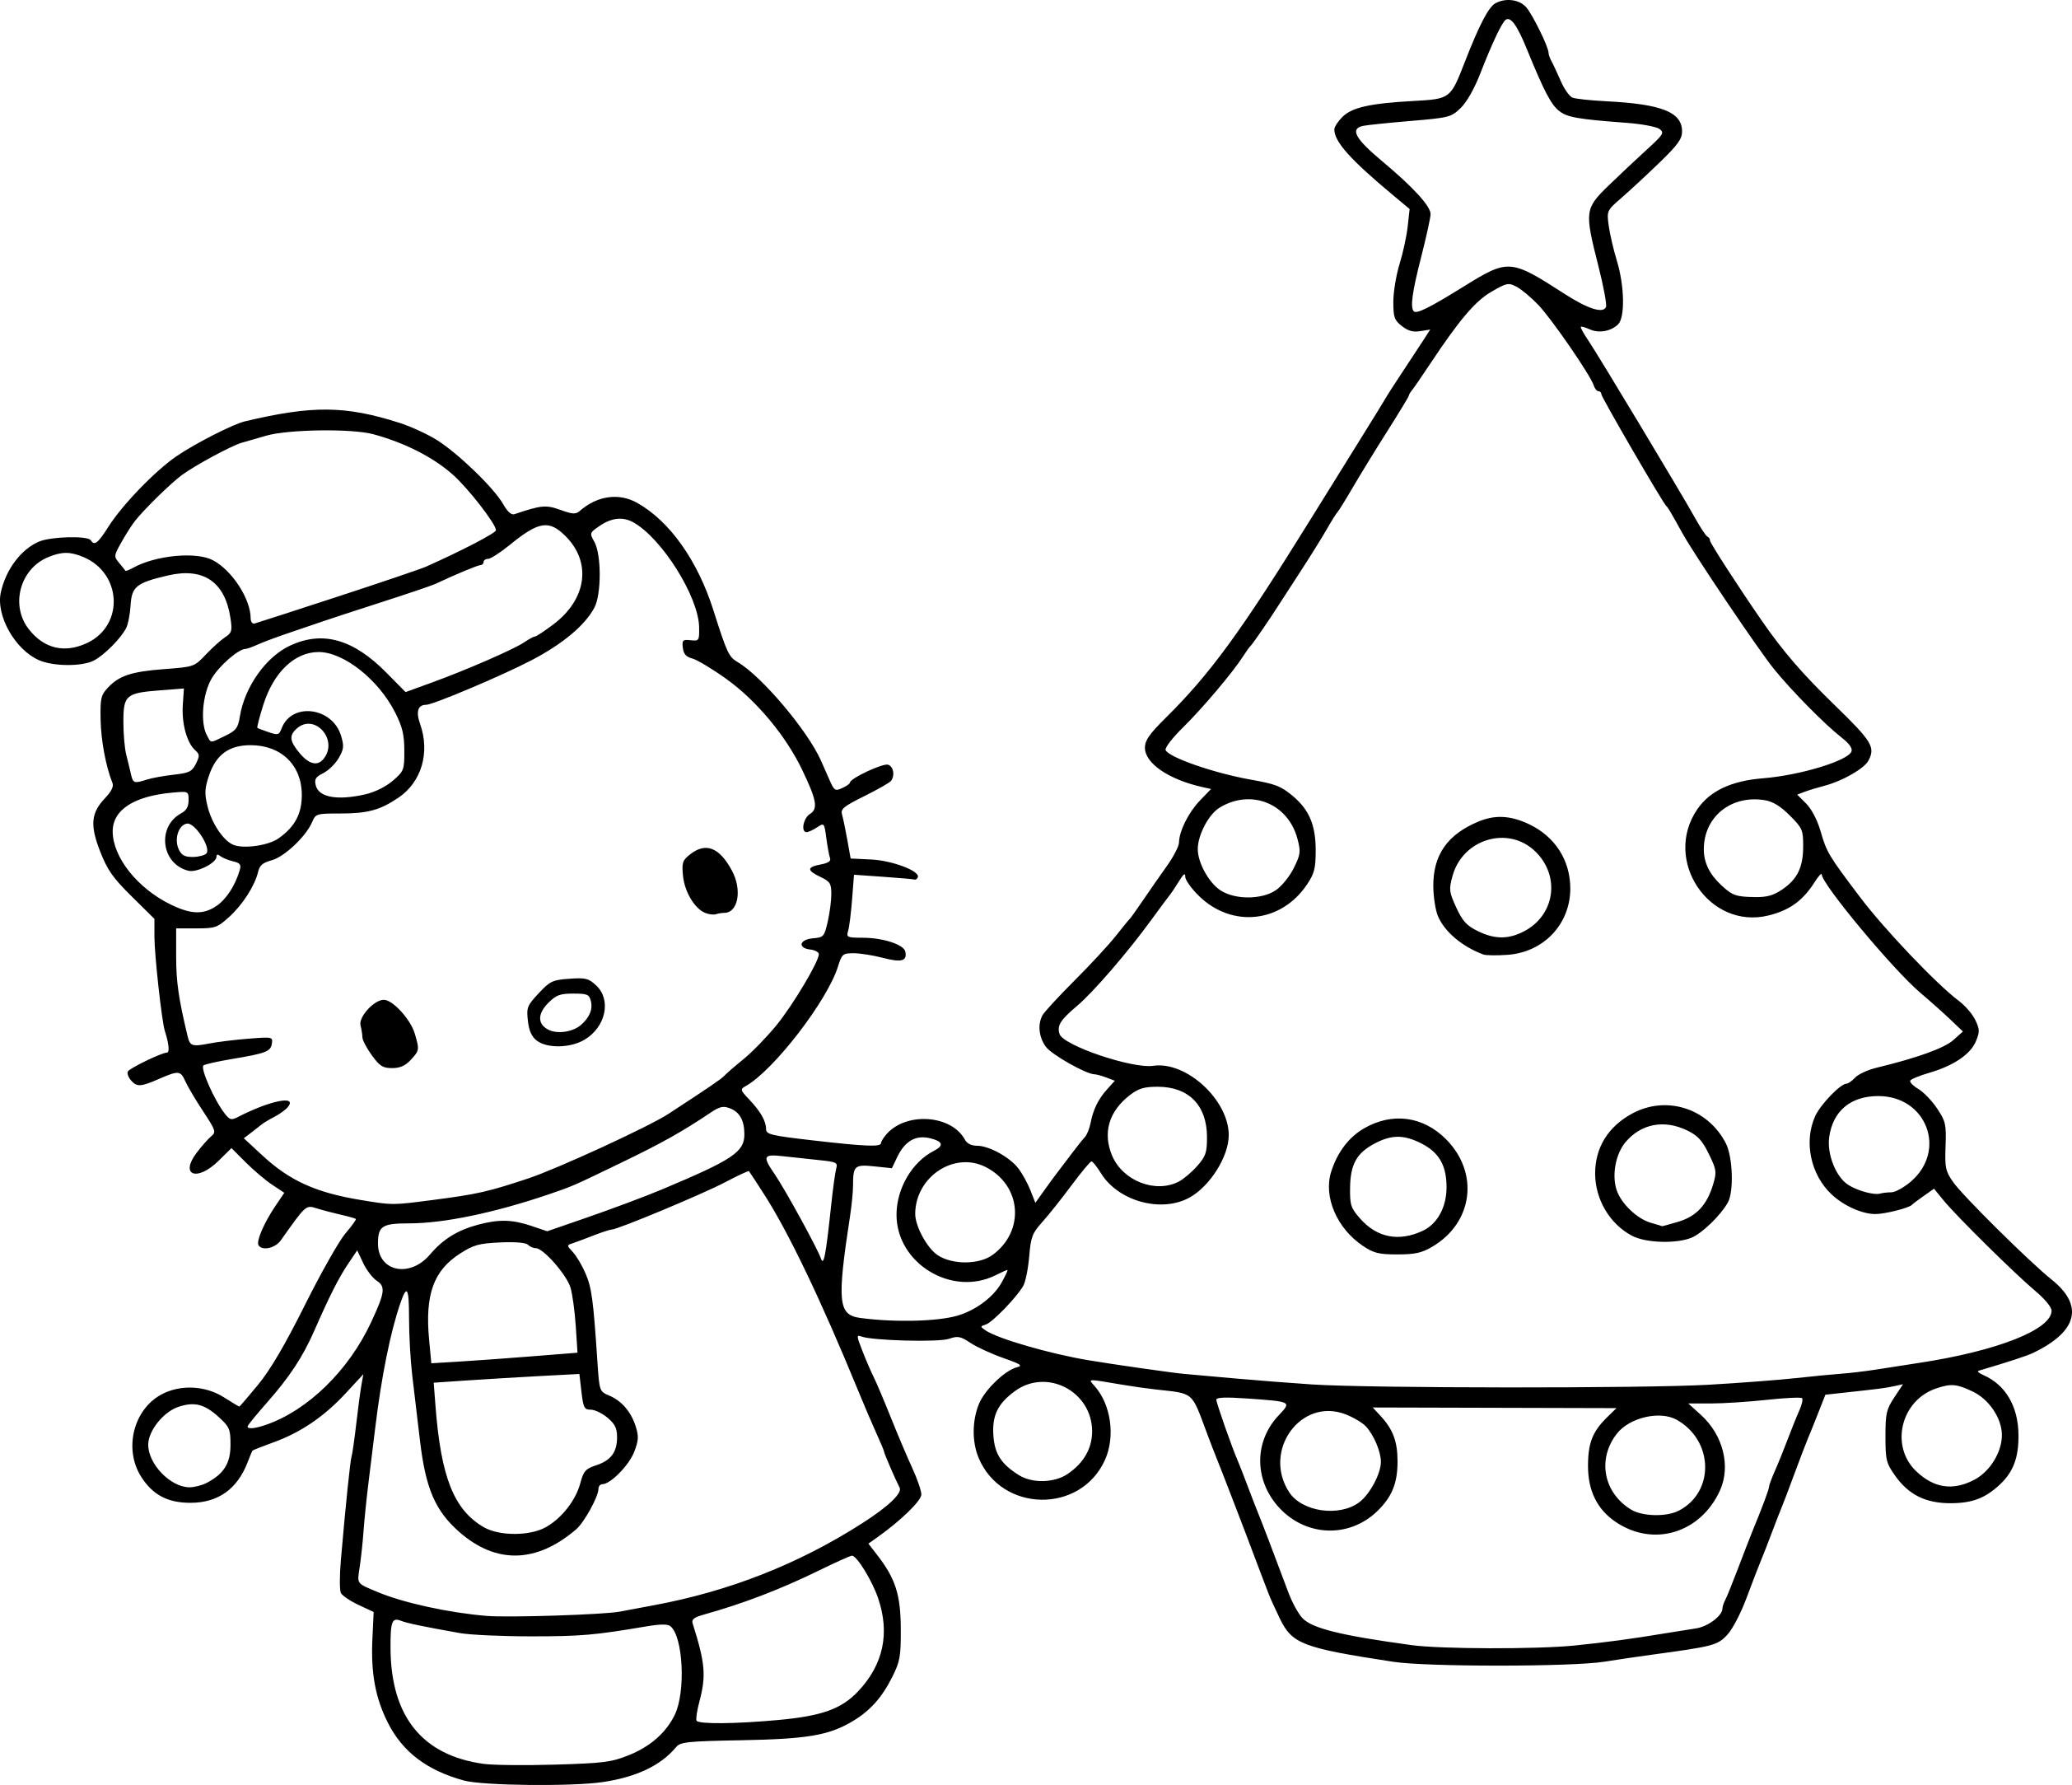 Coloriage Hello Kitty Noël À Imprimer Sur Coloriages concernant Hello Kitty À Dessiner